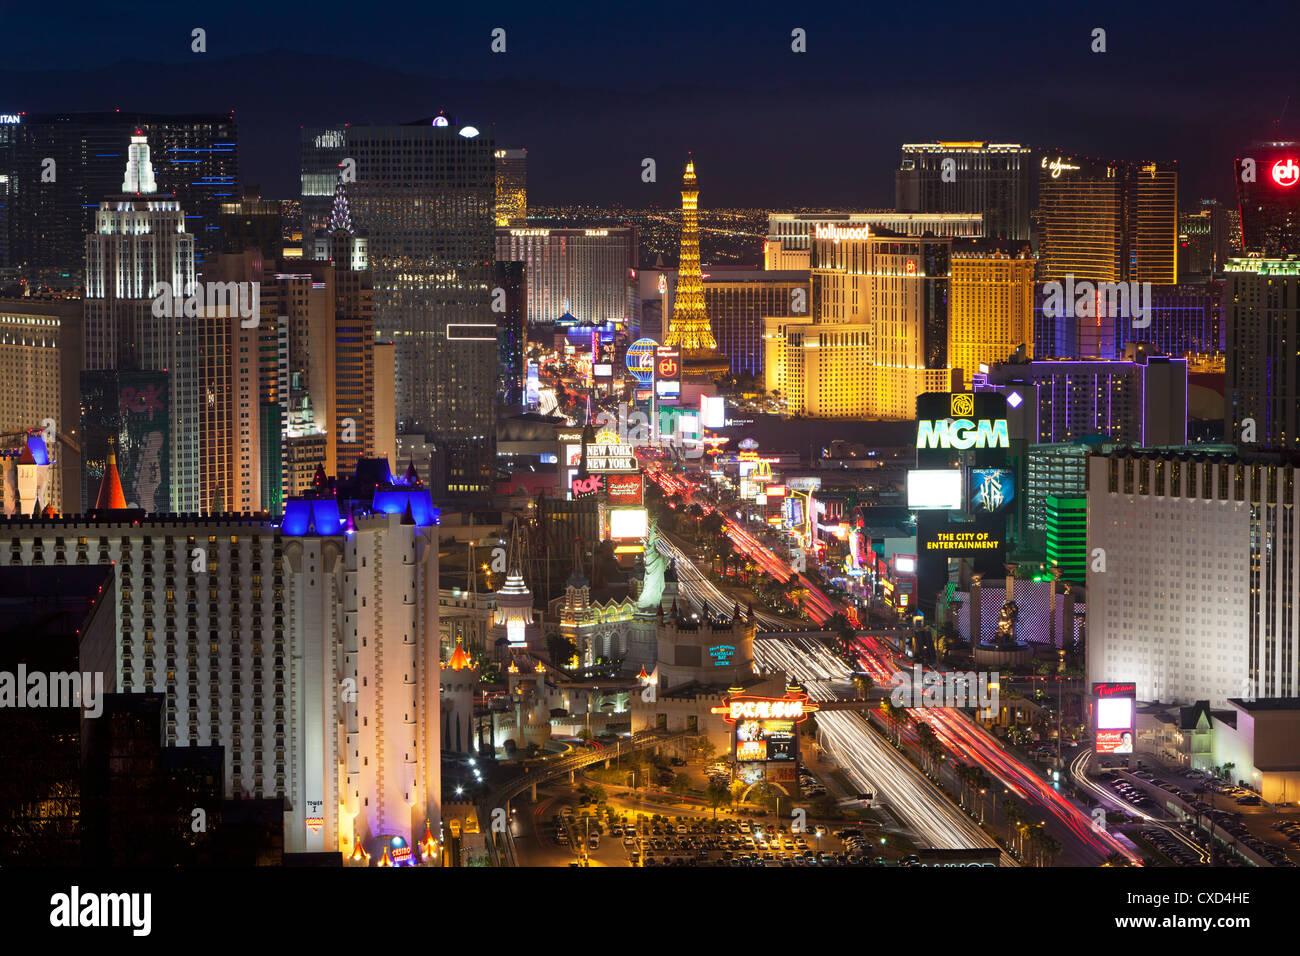 Erhöhten Blick auf die Hotels und Casinos am Strip bei Dämmerung, Las Vegas, Nevada, Vereinigte Staaten Stockbild